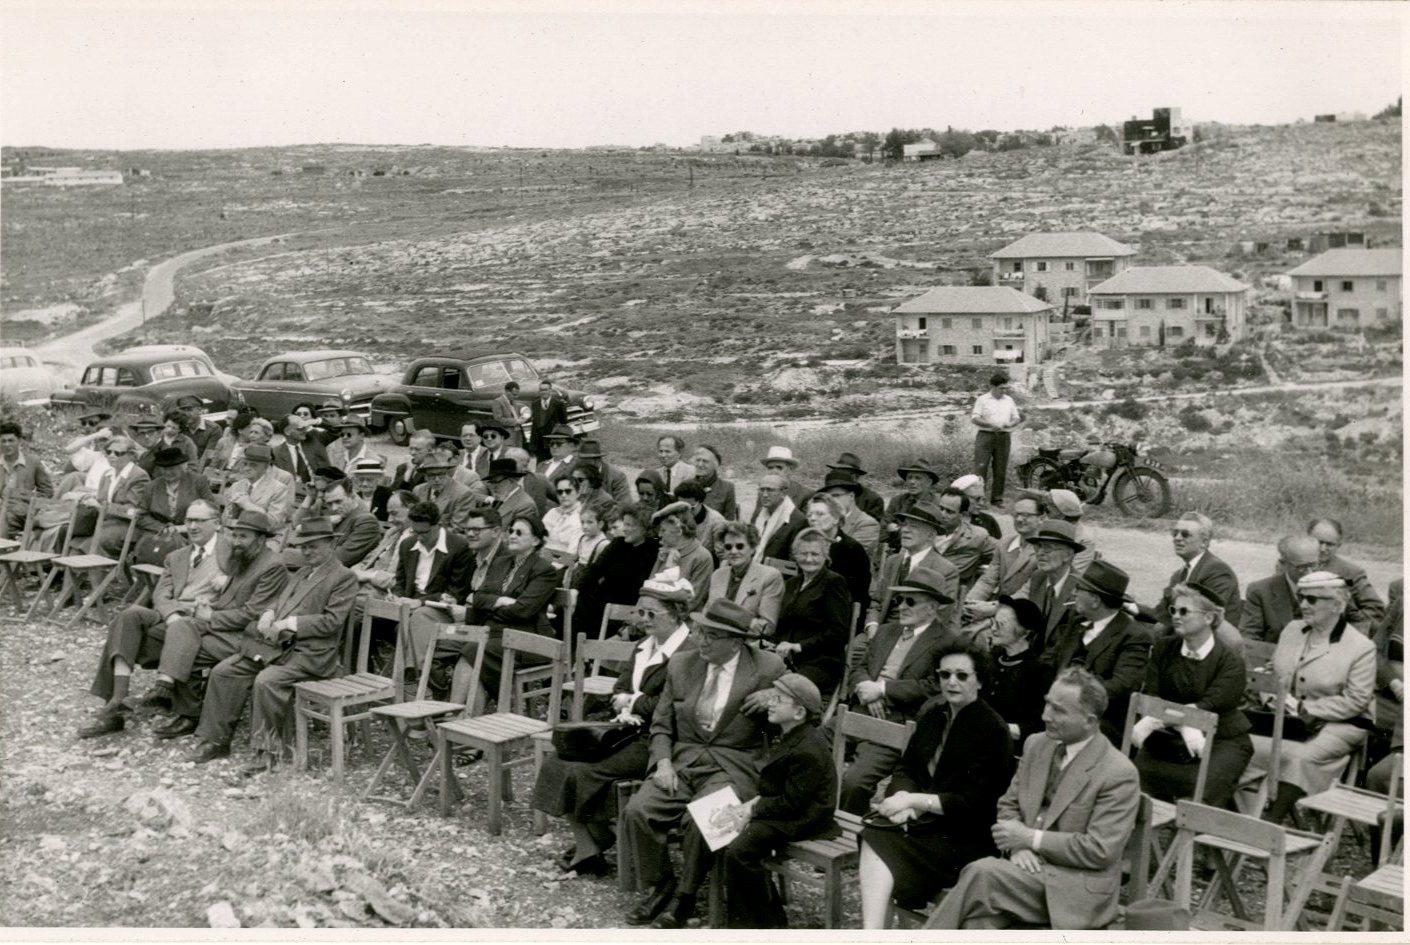 קהל המוזמנים לטקס הנחת אבן היסוד לבית האקדמיה. ברקע שכונת נווה שאנן.